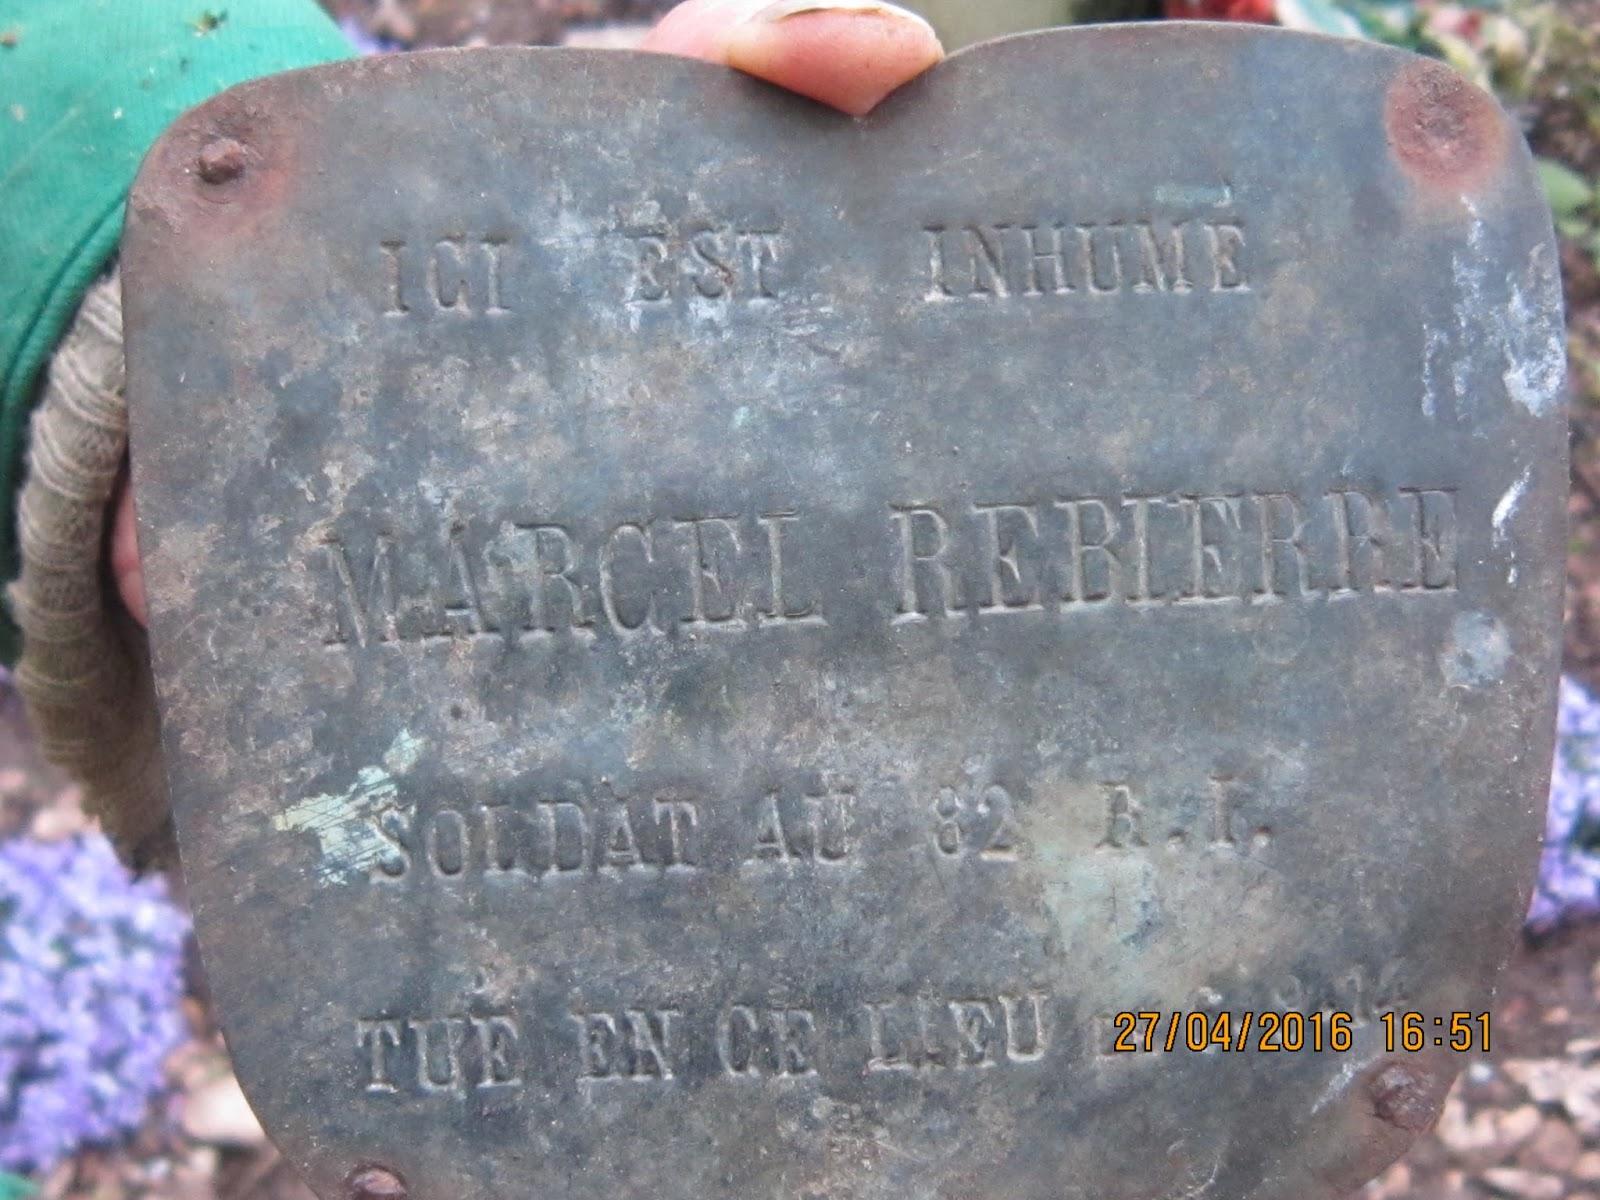 Marcq en yvelines blog sur le monument aux morts for Que voir dans les yvelines